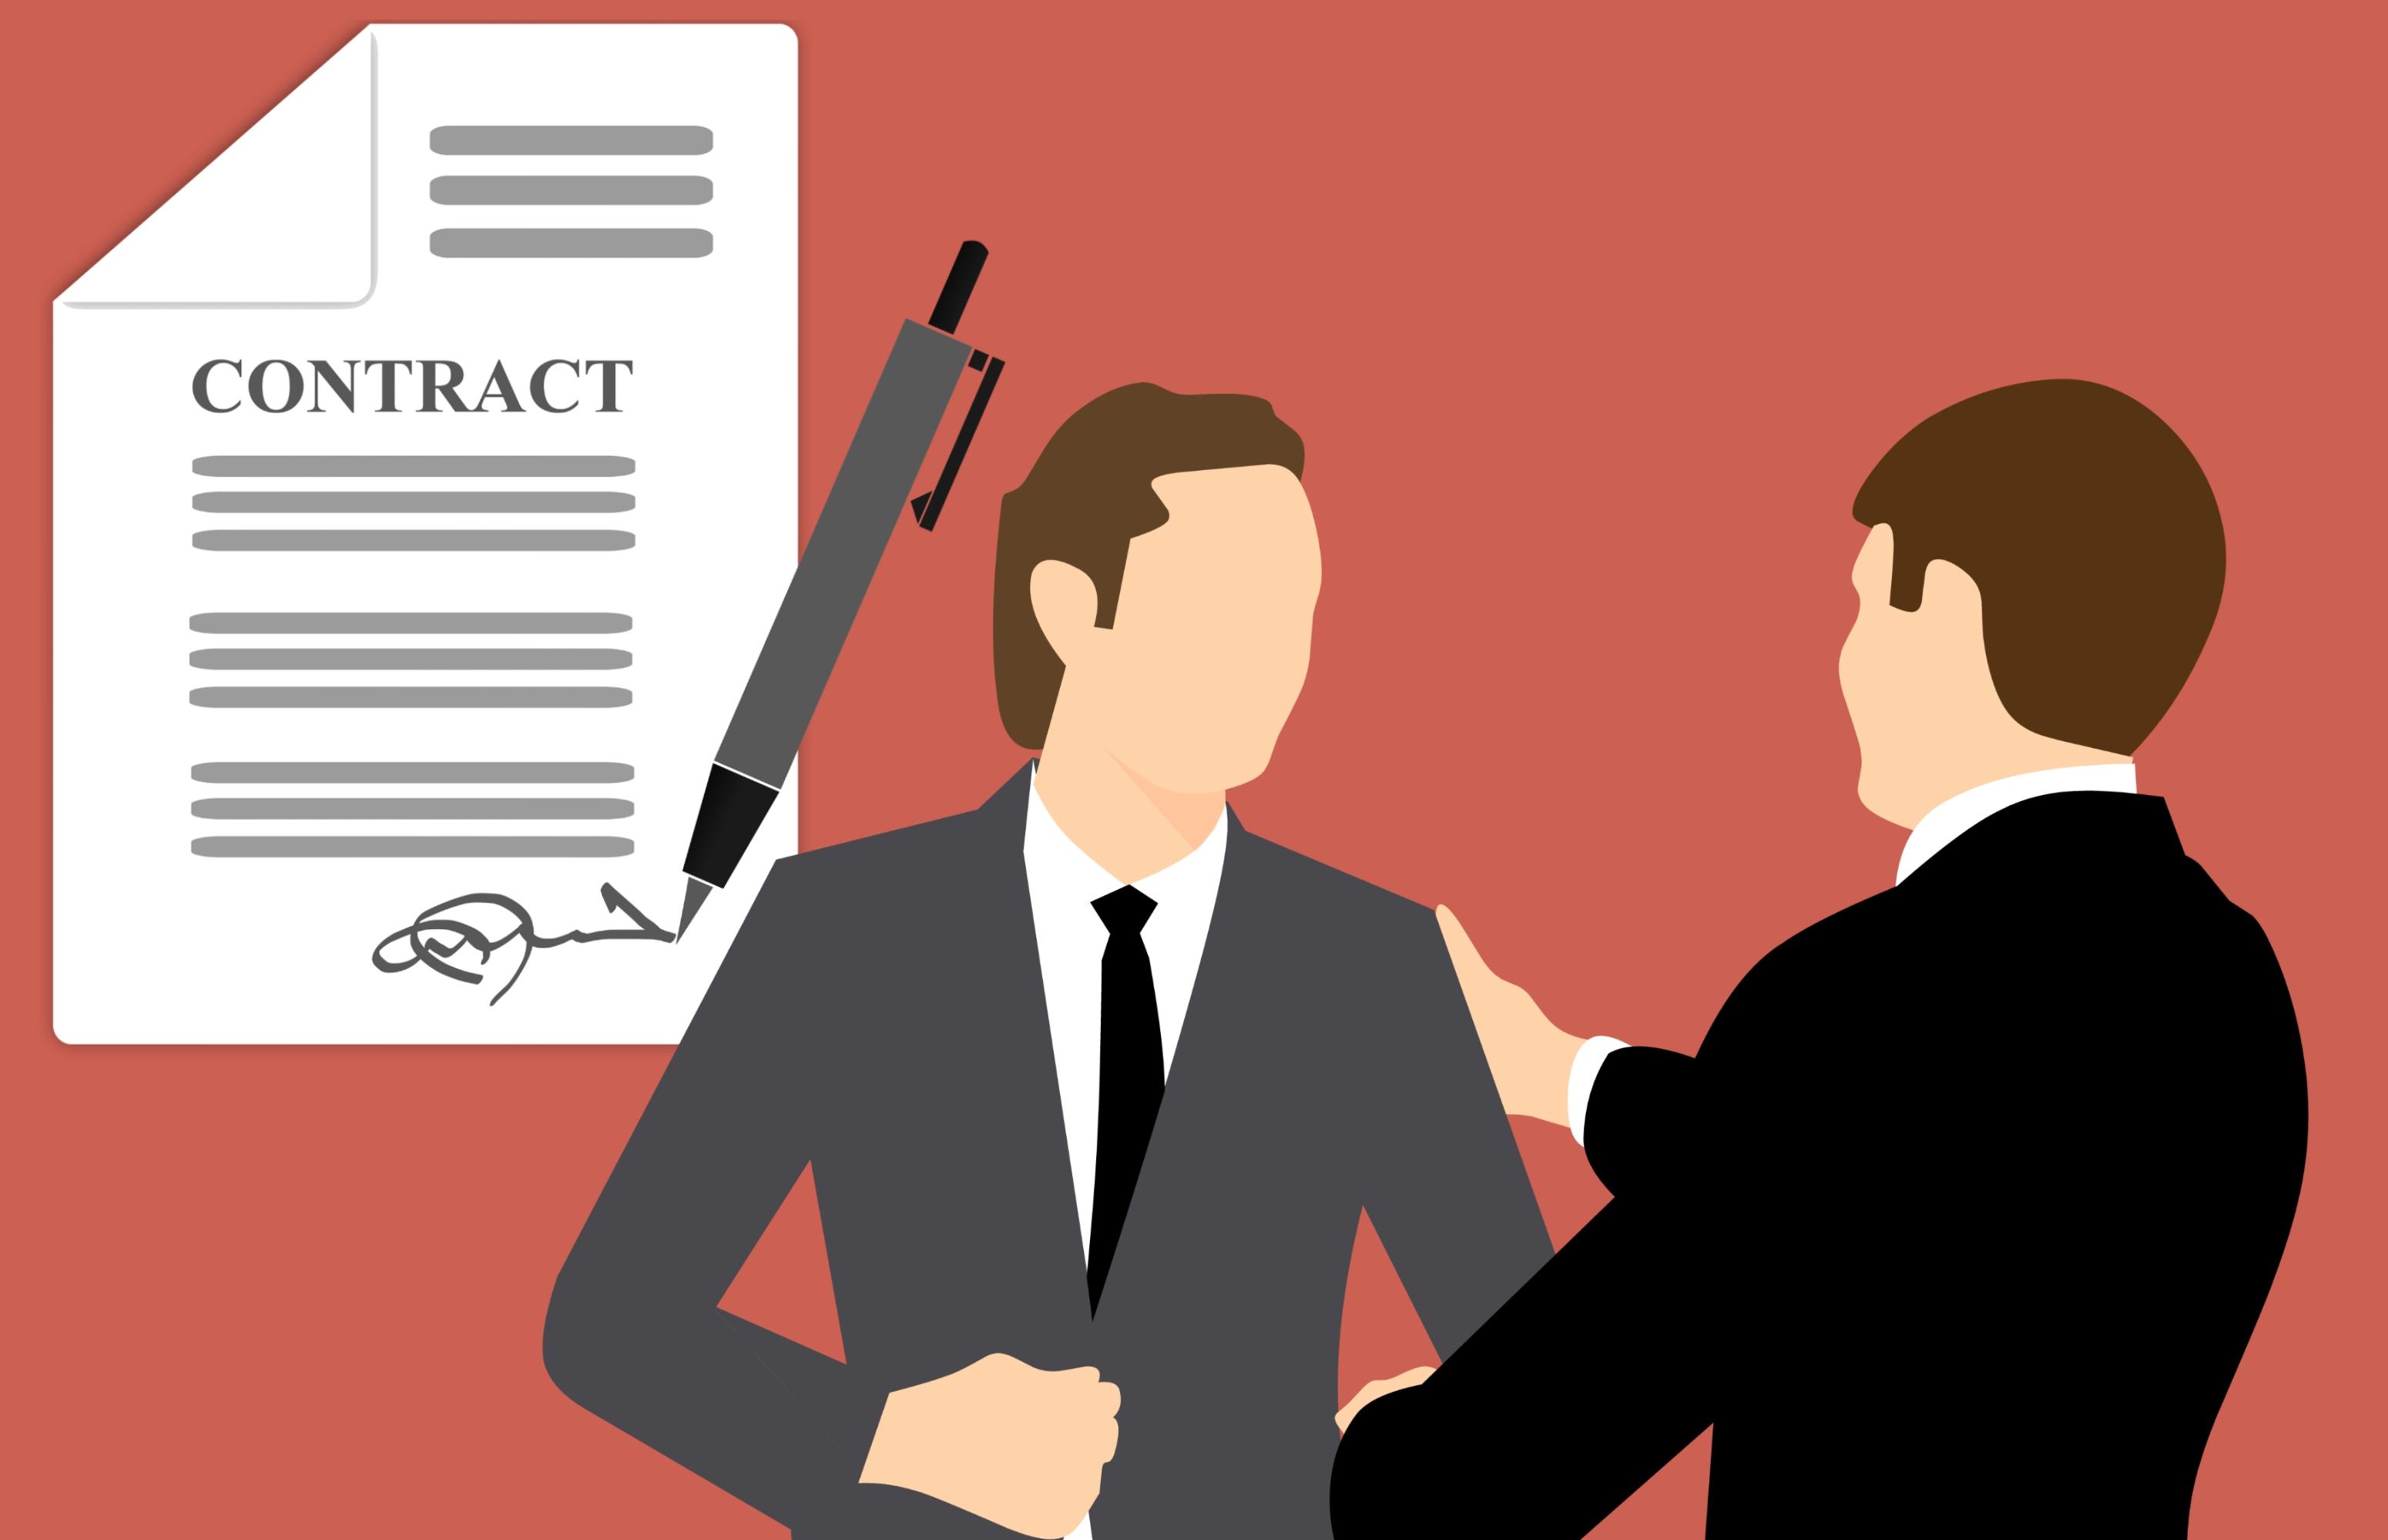 стороны договора картинки для презентации прямого